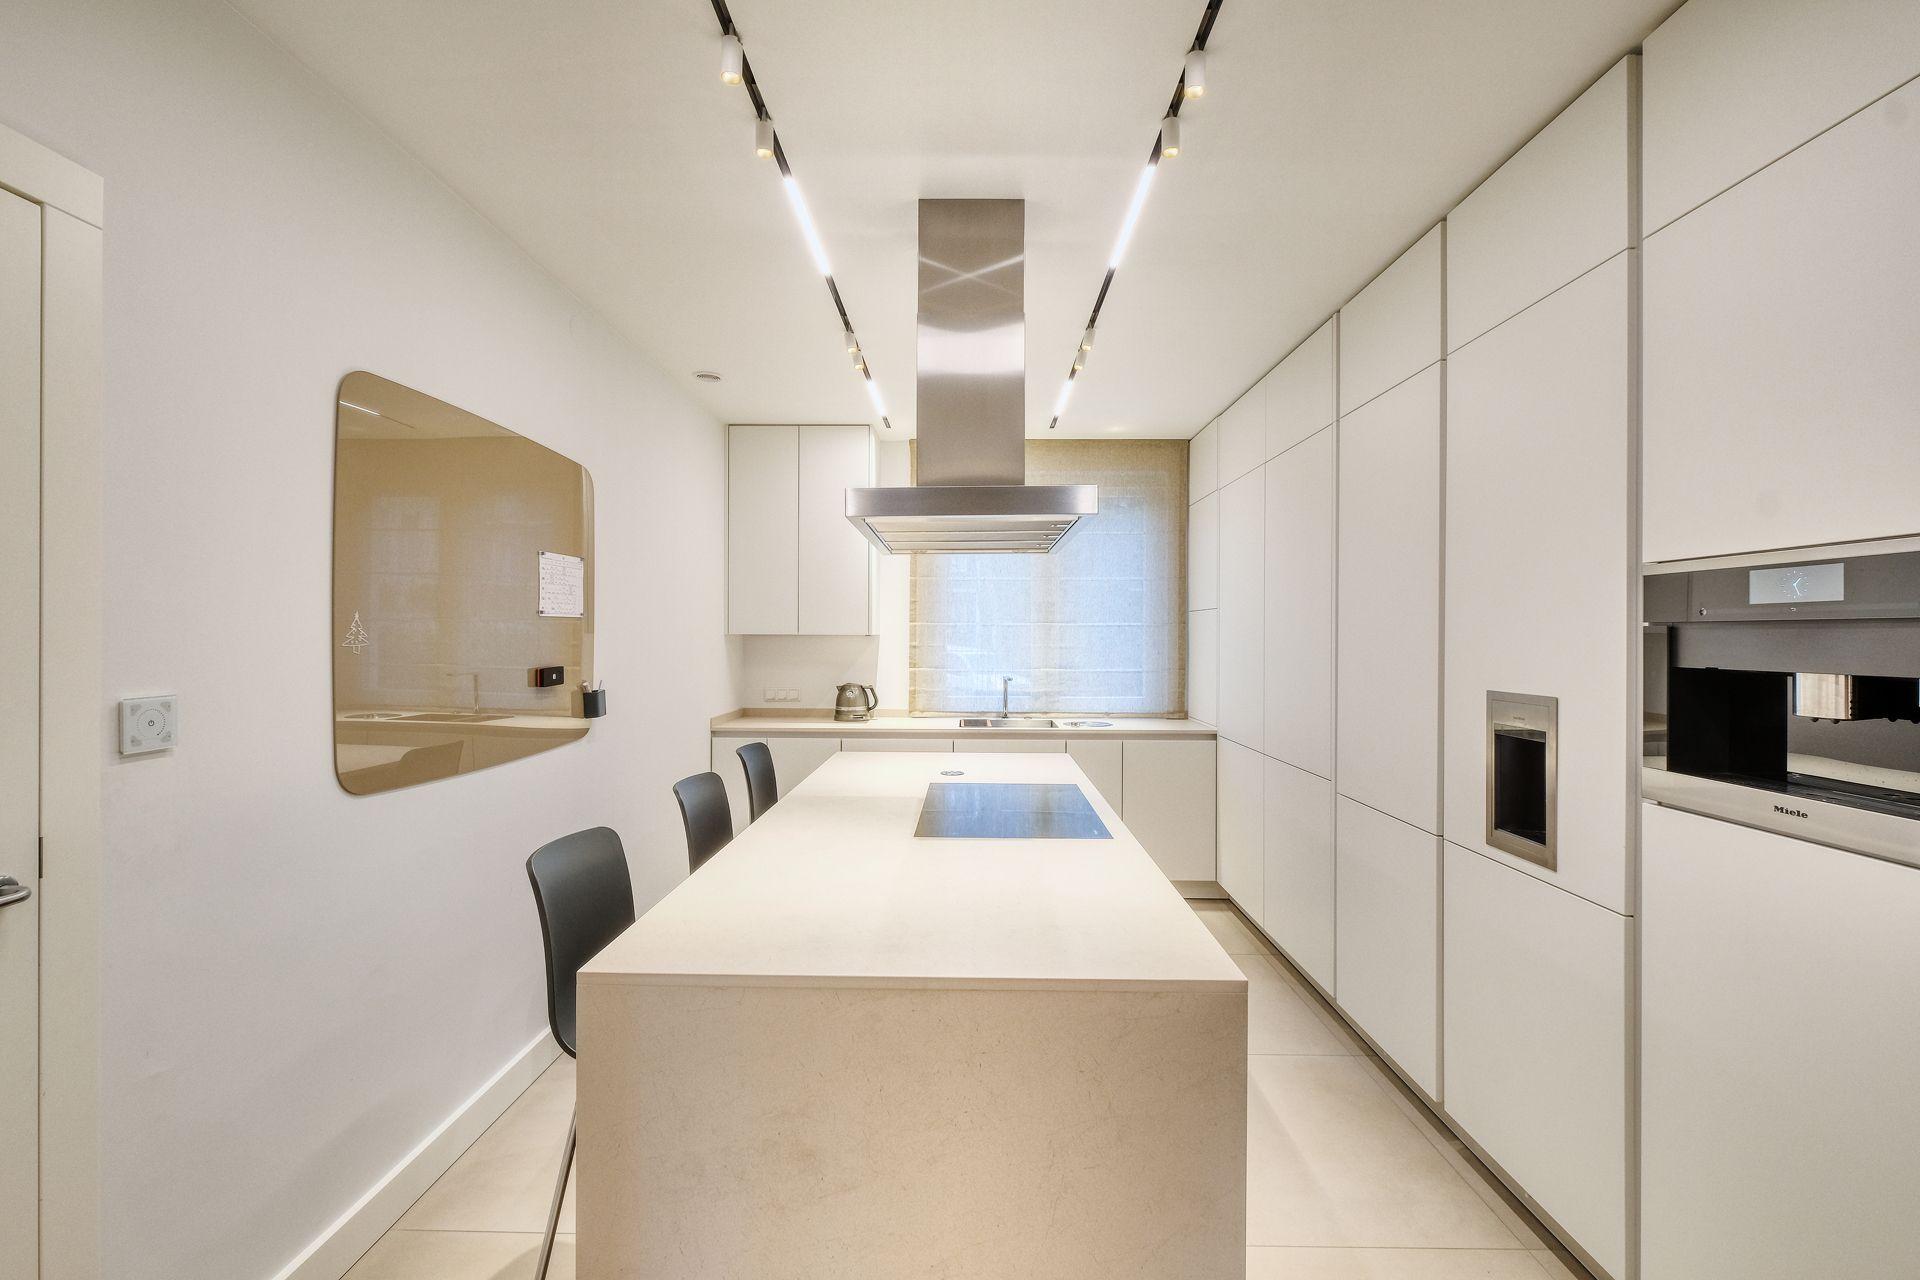 Minimalistyczne Oswietlenie Do Otwartej Kuchni Polaczonej Z Salonem Ih Internity Home Home Design Home Decor